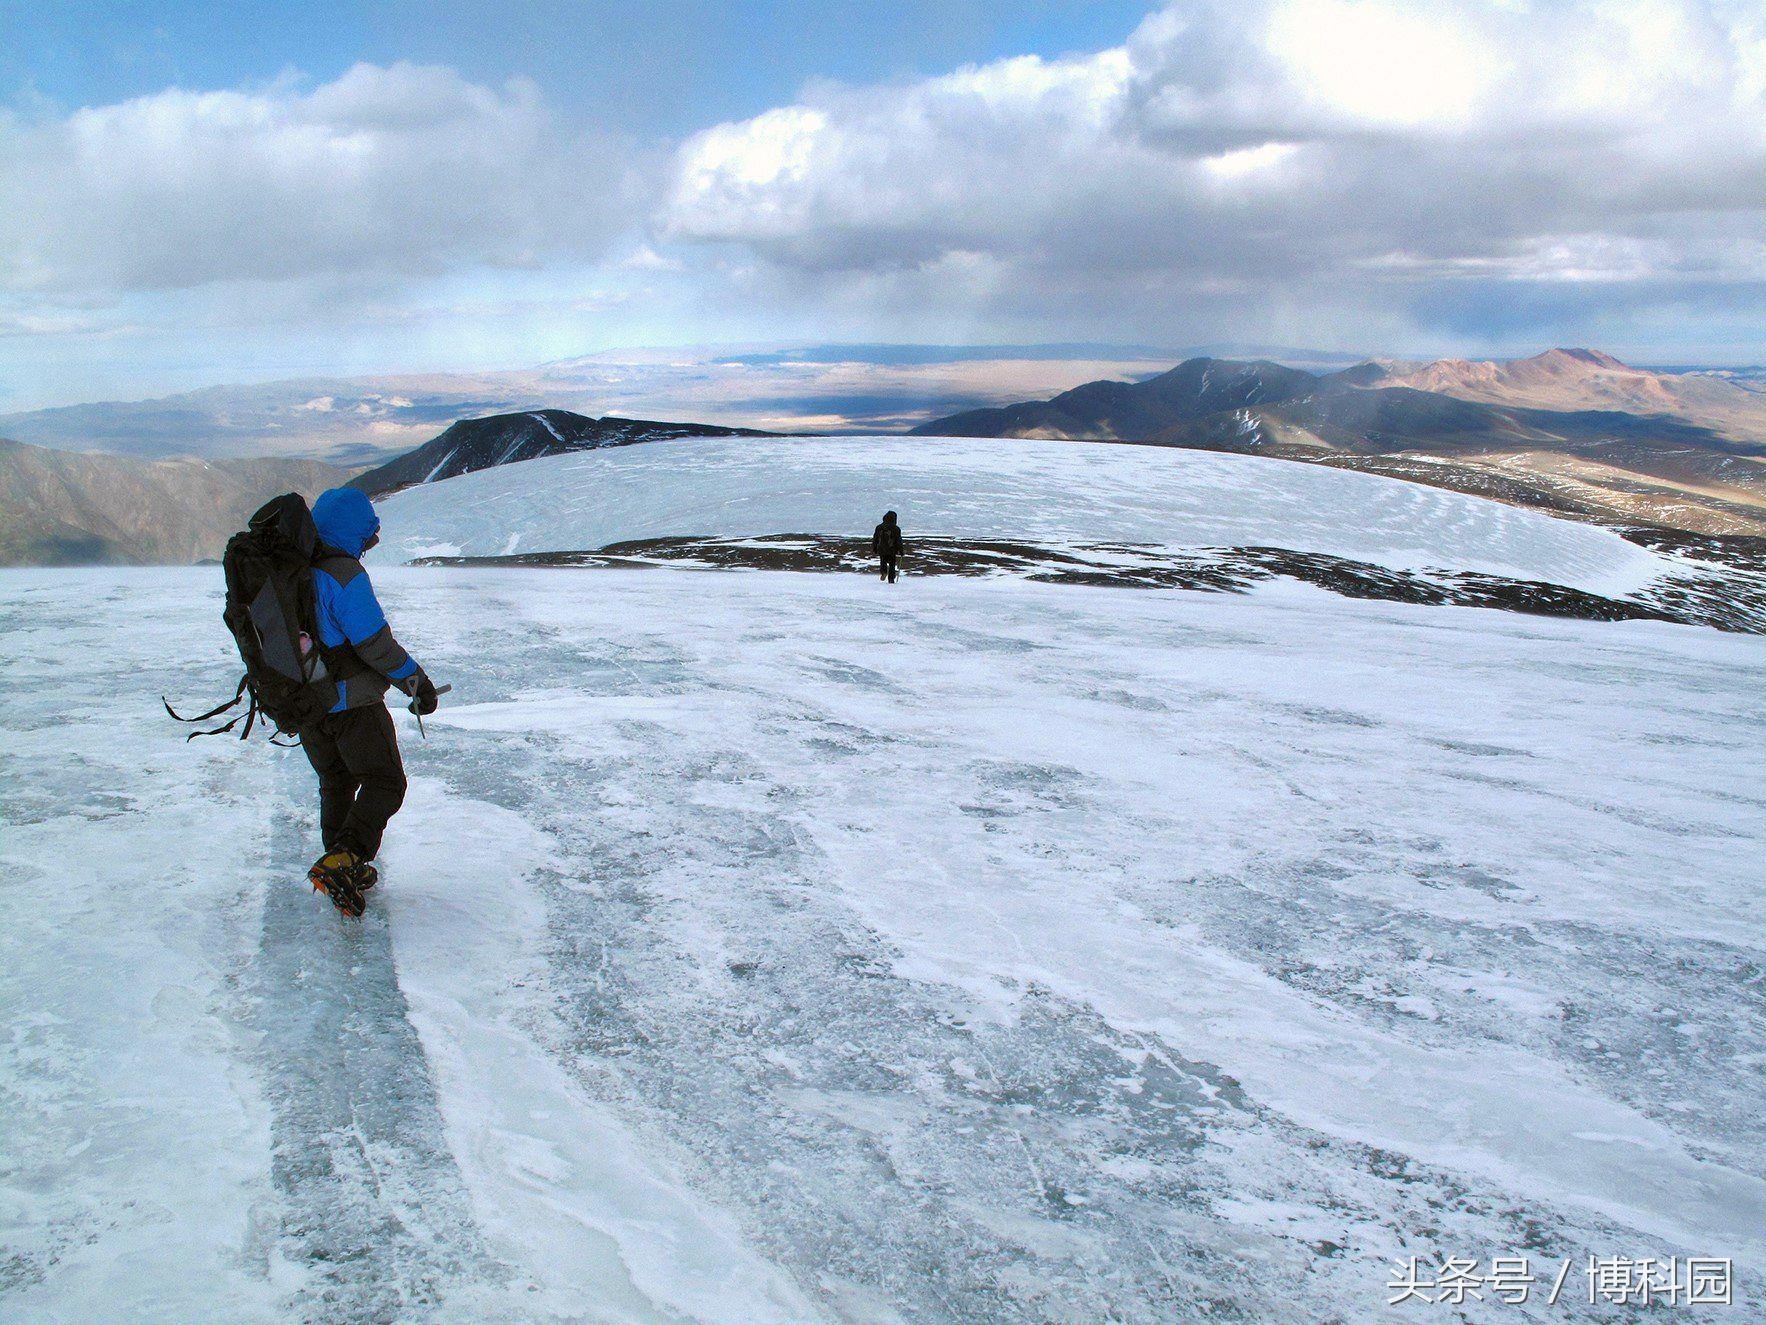 在上个冰河时代,蒙古戈壁沙漠的冰川实际上缩小了